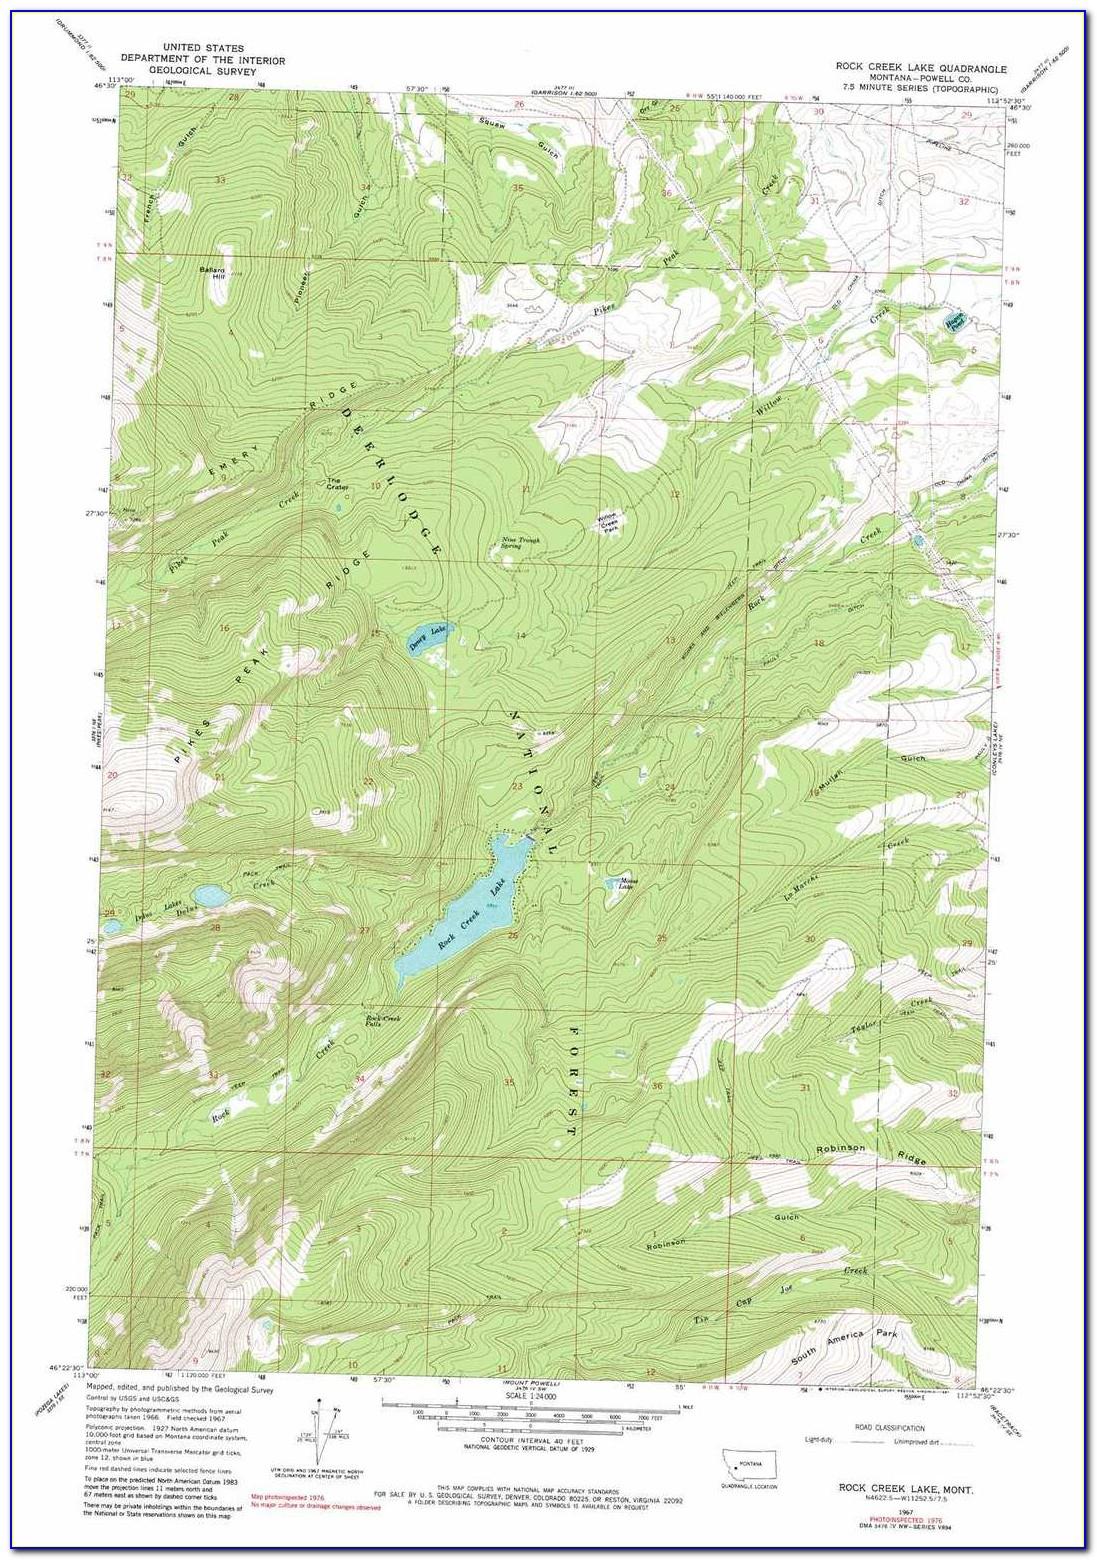 Montana Topo Maps Circa 1900